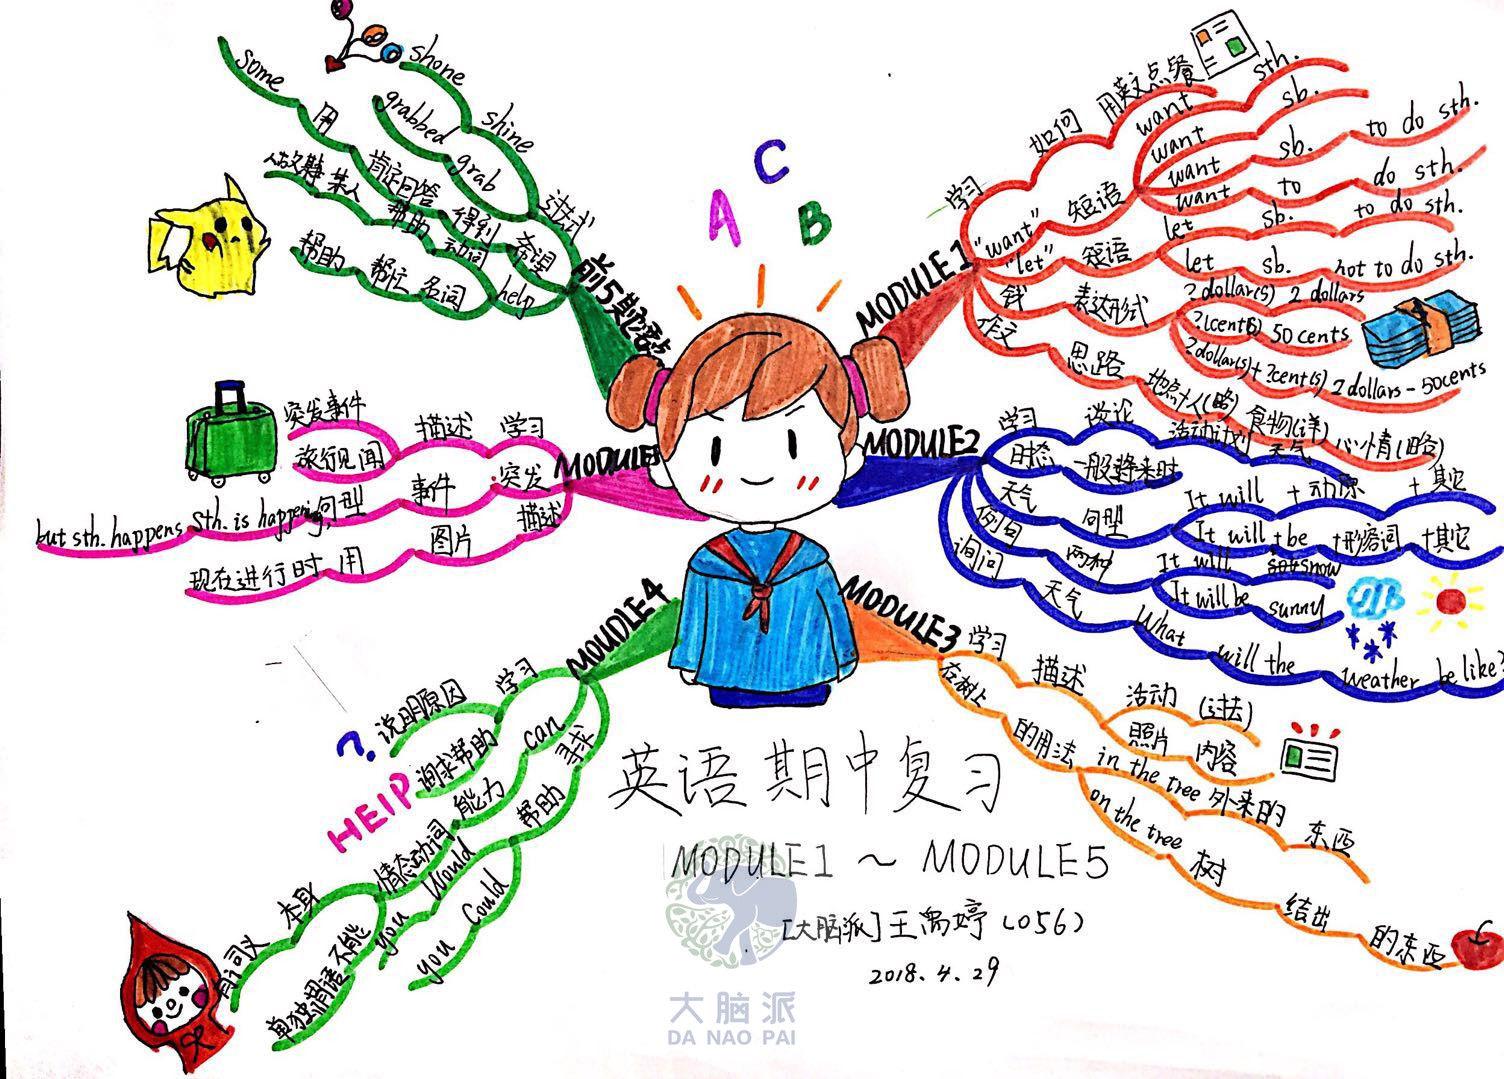 小学六年级思维导图,语数外,作文,单元知识整理全都有图片